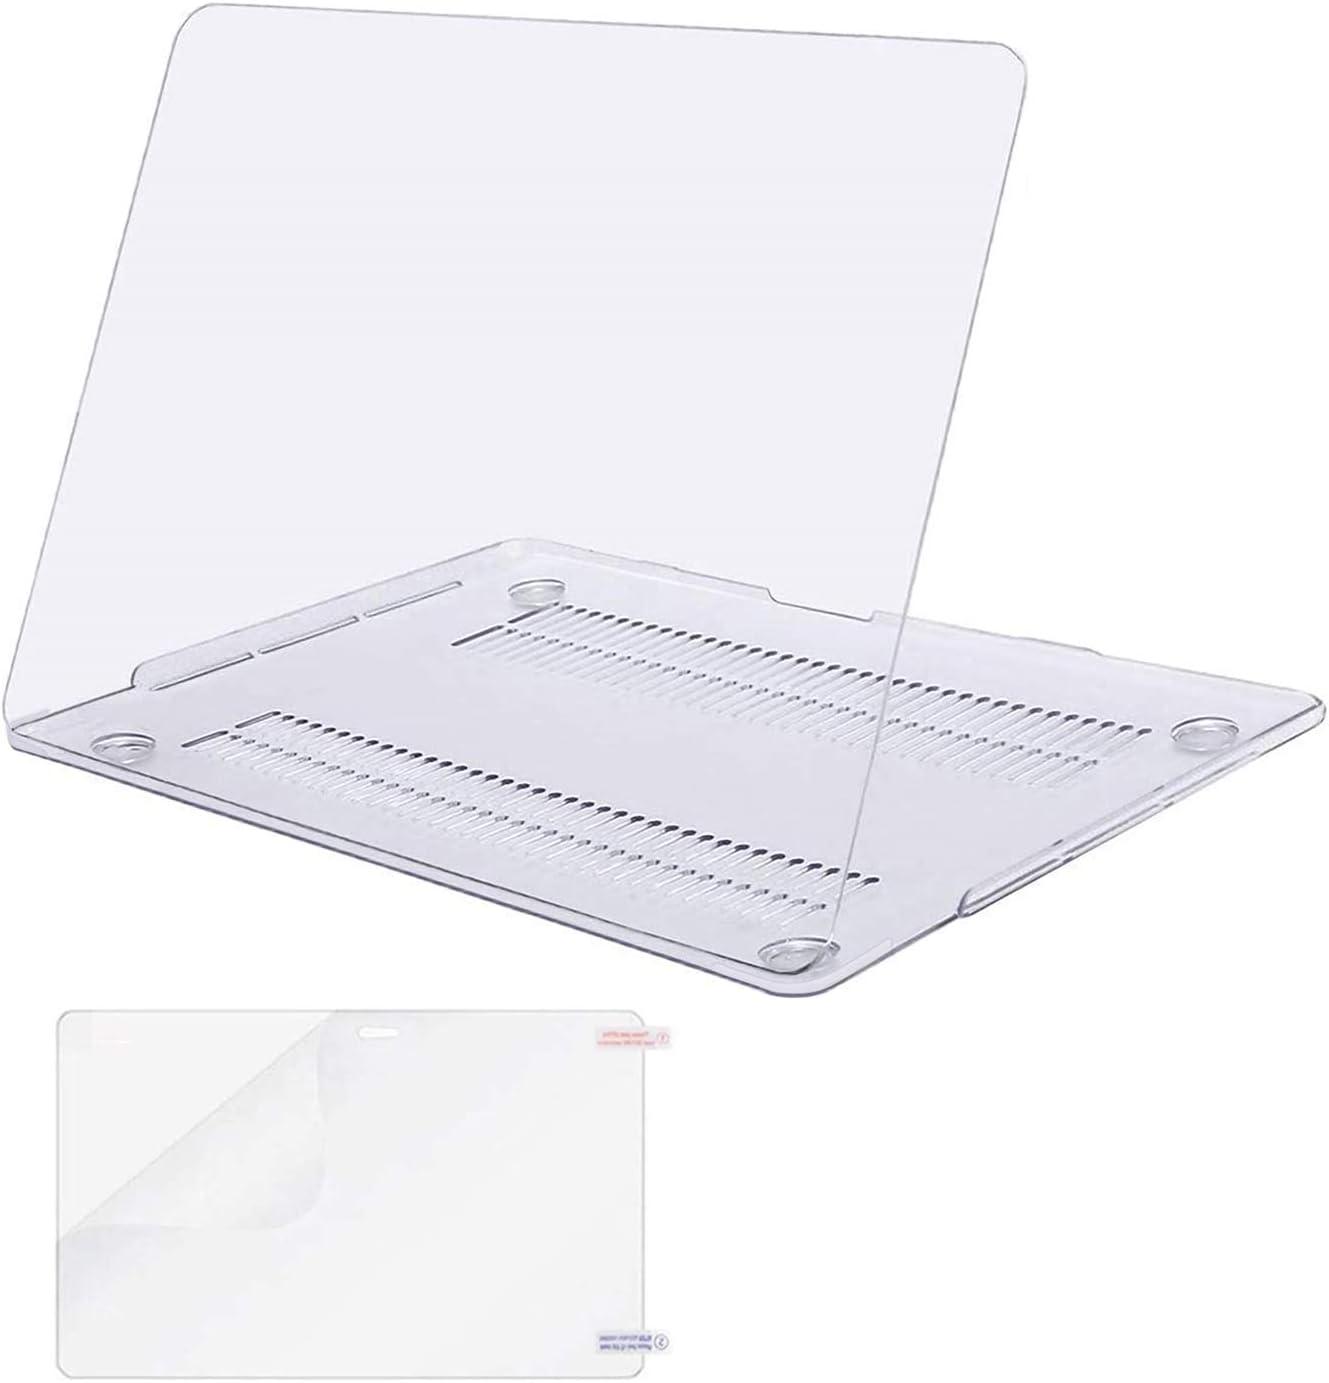 Funda  y protector de teclado para MacBook Pro 13-Clear